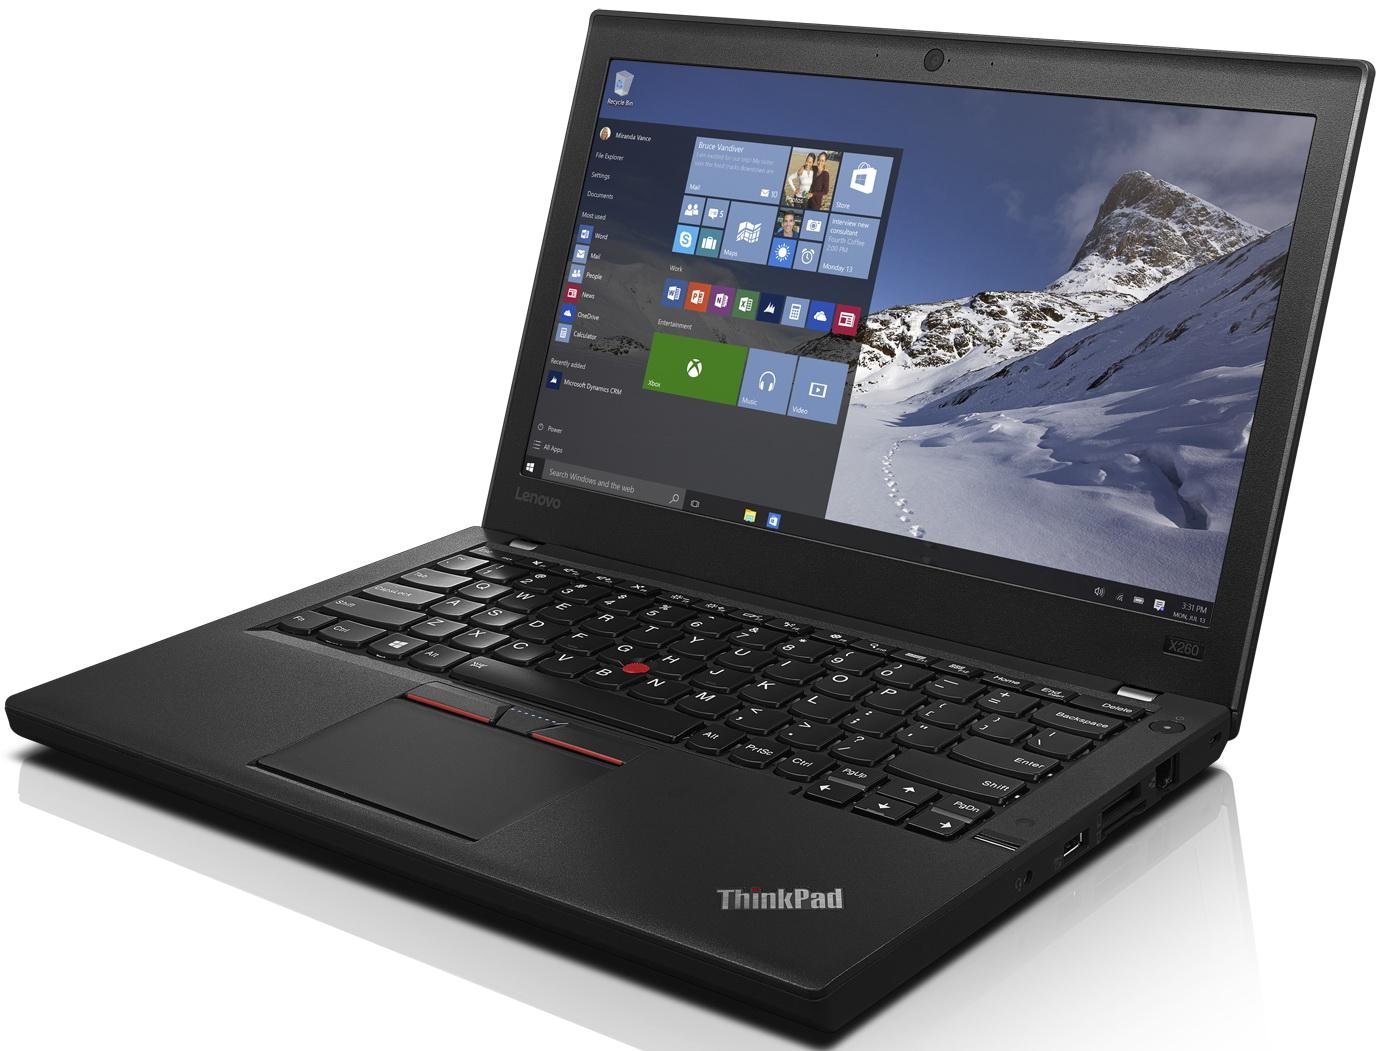 Lenovo ThinkPad X260 (20F5S56T00)20F5S56T00Ноутбук Lenovo ThinkPad X260/20F5/12.5 HD IPS Non-Touch, Intel Core i5-6200U/4GB/180GB SSD/Camera HD/WiFi/BT/WIN10Pro64. X260 — сверхмобильный ноутбук, обладающий при этом полным набором портов, широкими возможностями подключения к другим устройствам и высокой надежностью. Яркий ЖК-дисплей с матрицей IPS. Технология IPS обеспечивает насыщенные цвета и углы обзора, близкие к 180 градусам. Легендарная полноразмерная клавиатура ThinkPad с защитой от пролитой жидкости и манипулятором TrackPoint® широко известна благодаря своей эргономичности, функциональности и удобству. Она оптимизирована под Windows 10 и более поздние версии благодаря наличию мультимедийных клавиш. Светодиодные индикаторы состояния для камеры, динамиков, микрофона и клавиш Fn Lock и Caps Lock облегчат работу в темное время суток. X260 оснащен портом HDMI для подключения дополнительных внешних мониторов и вывода на них презентаций. Дополнительный USB-порт расширяет спектр средств коммуникации и упрощает передачу...